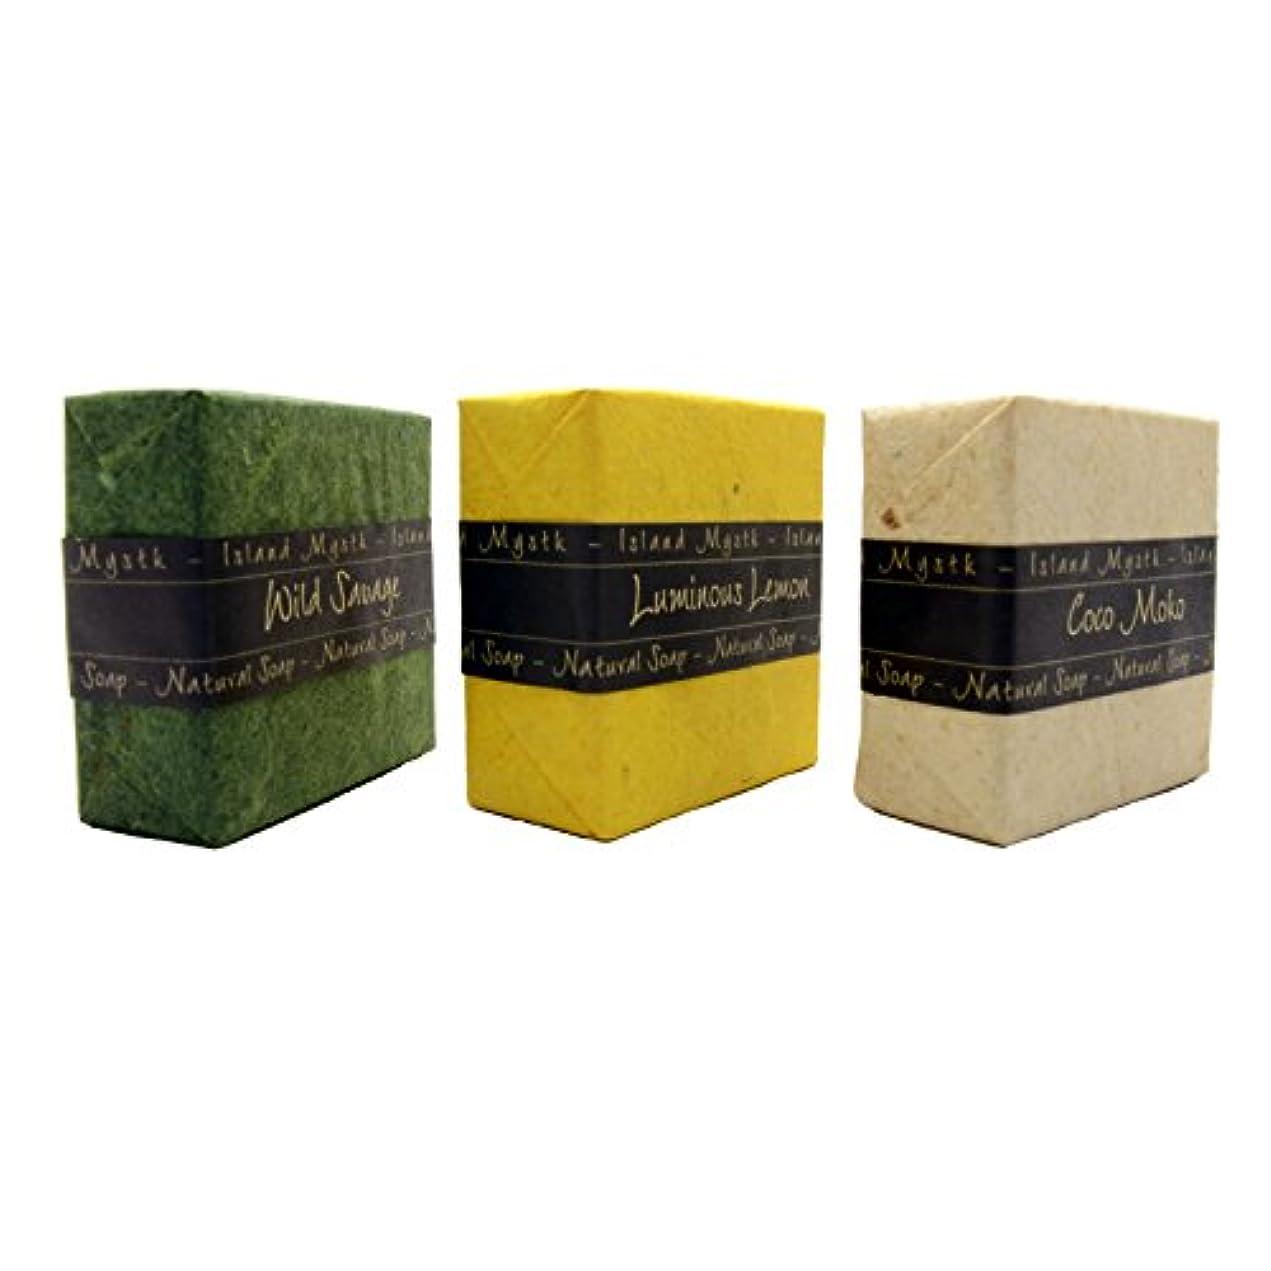 塊父方の肝アイランドミスティック 3個セット 緑黄白 115g×3 ココナッツ石鹸 バリ島 Island Mystk 天然素材100% 無添加 オーガニック